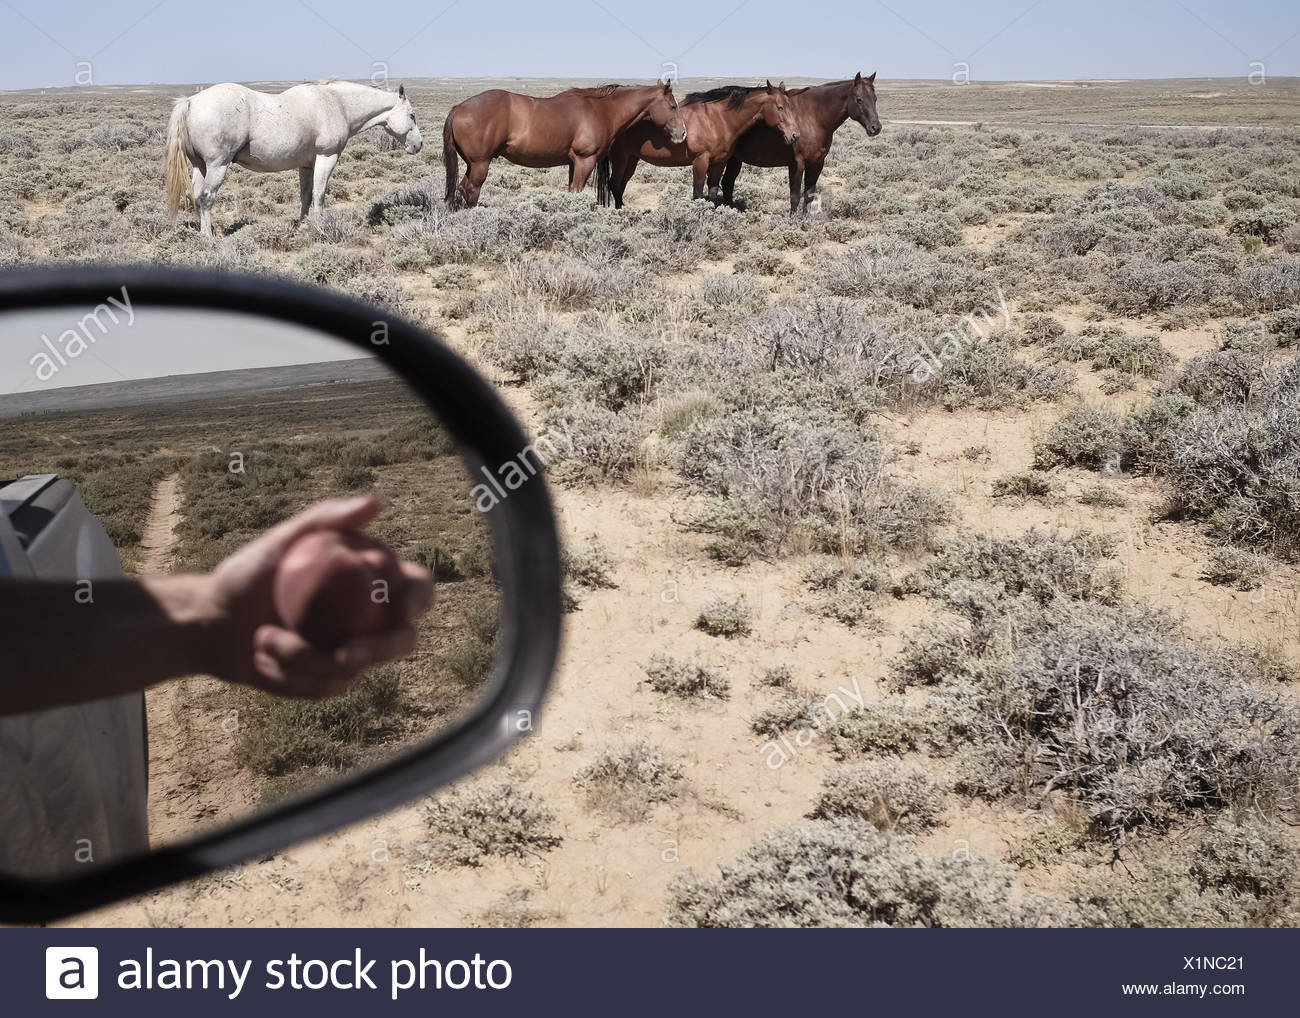 USA, Wyoming, chevaux et reflet de la main avec Apple dans le rétroviseur Photo Stock